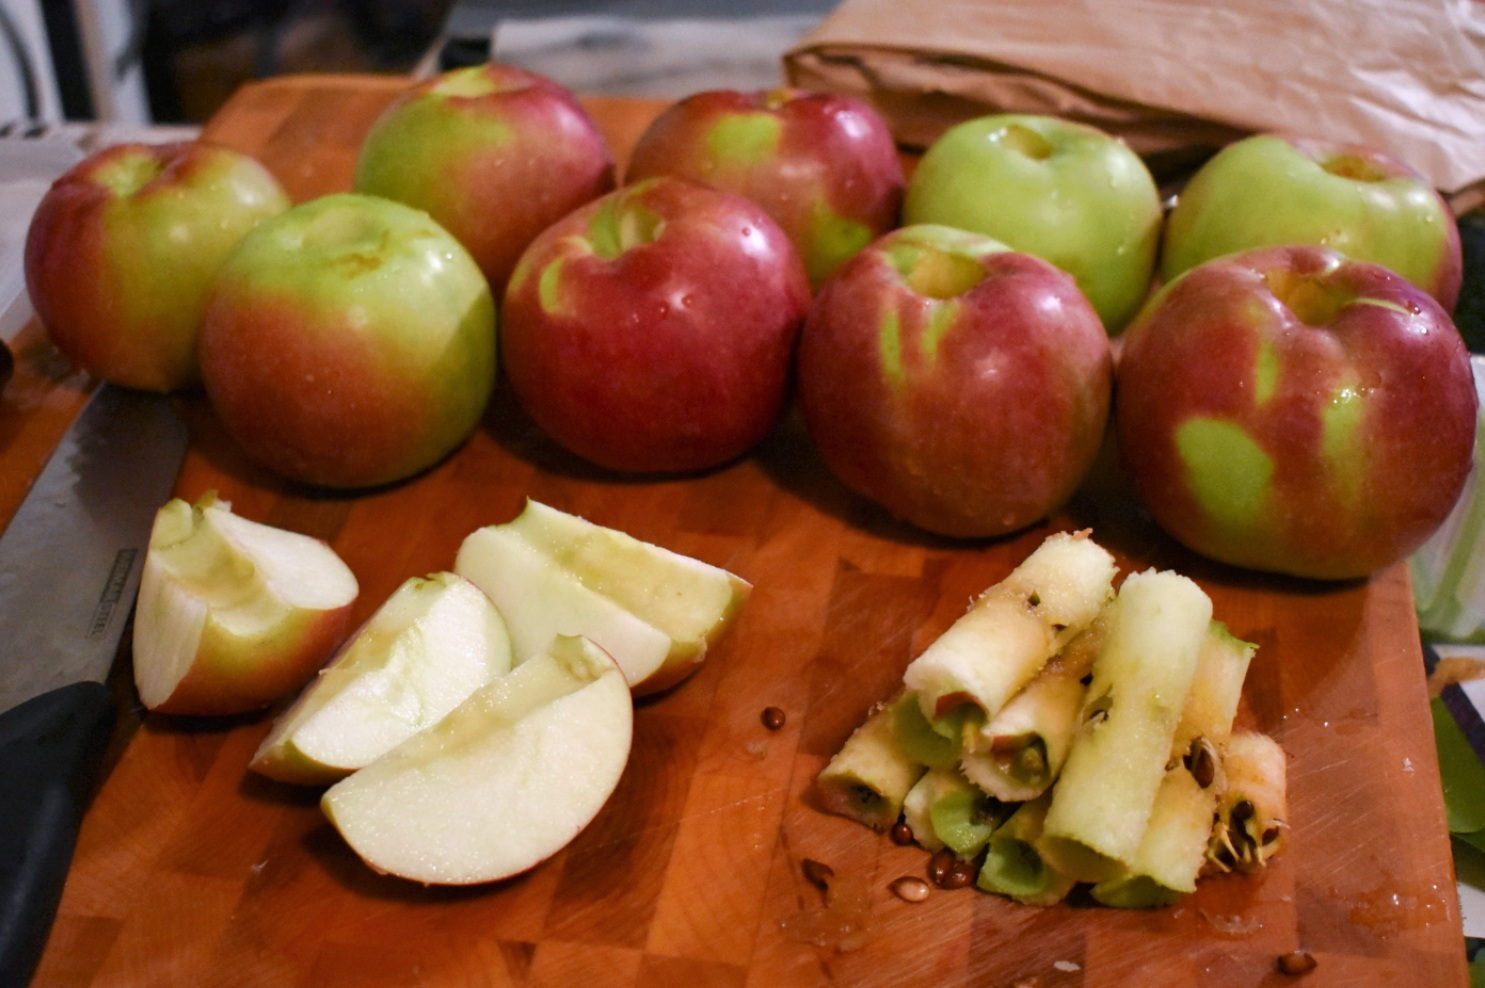 Compote de pommes à la mijoteuse - Auboutdelalangue.com (2)